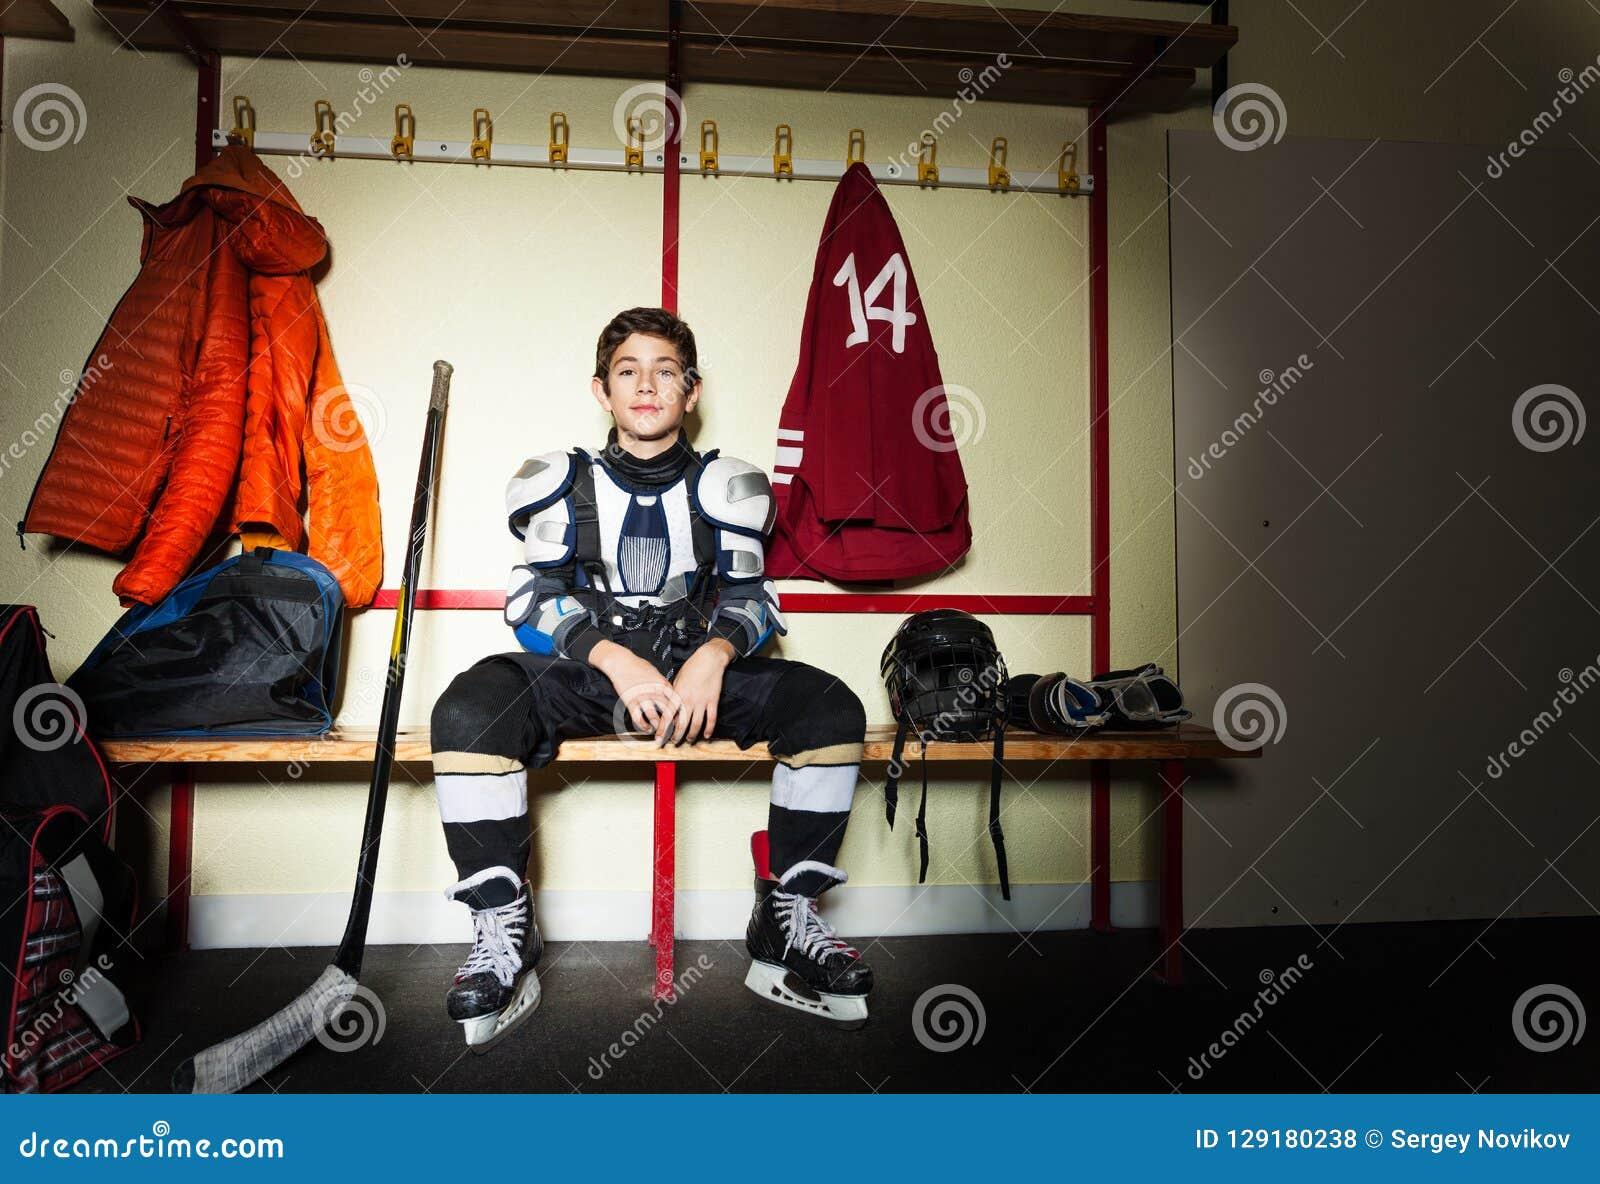 Jongen die voor ijshockeyspel voorbereidingen treffen in kleedkamer